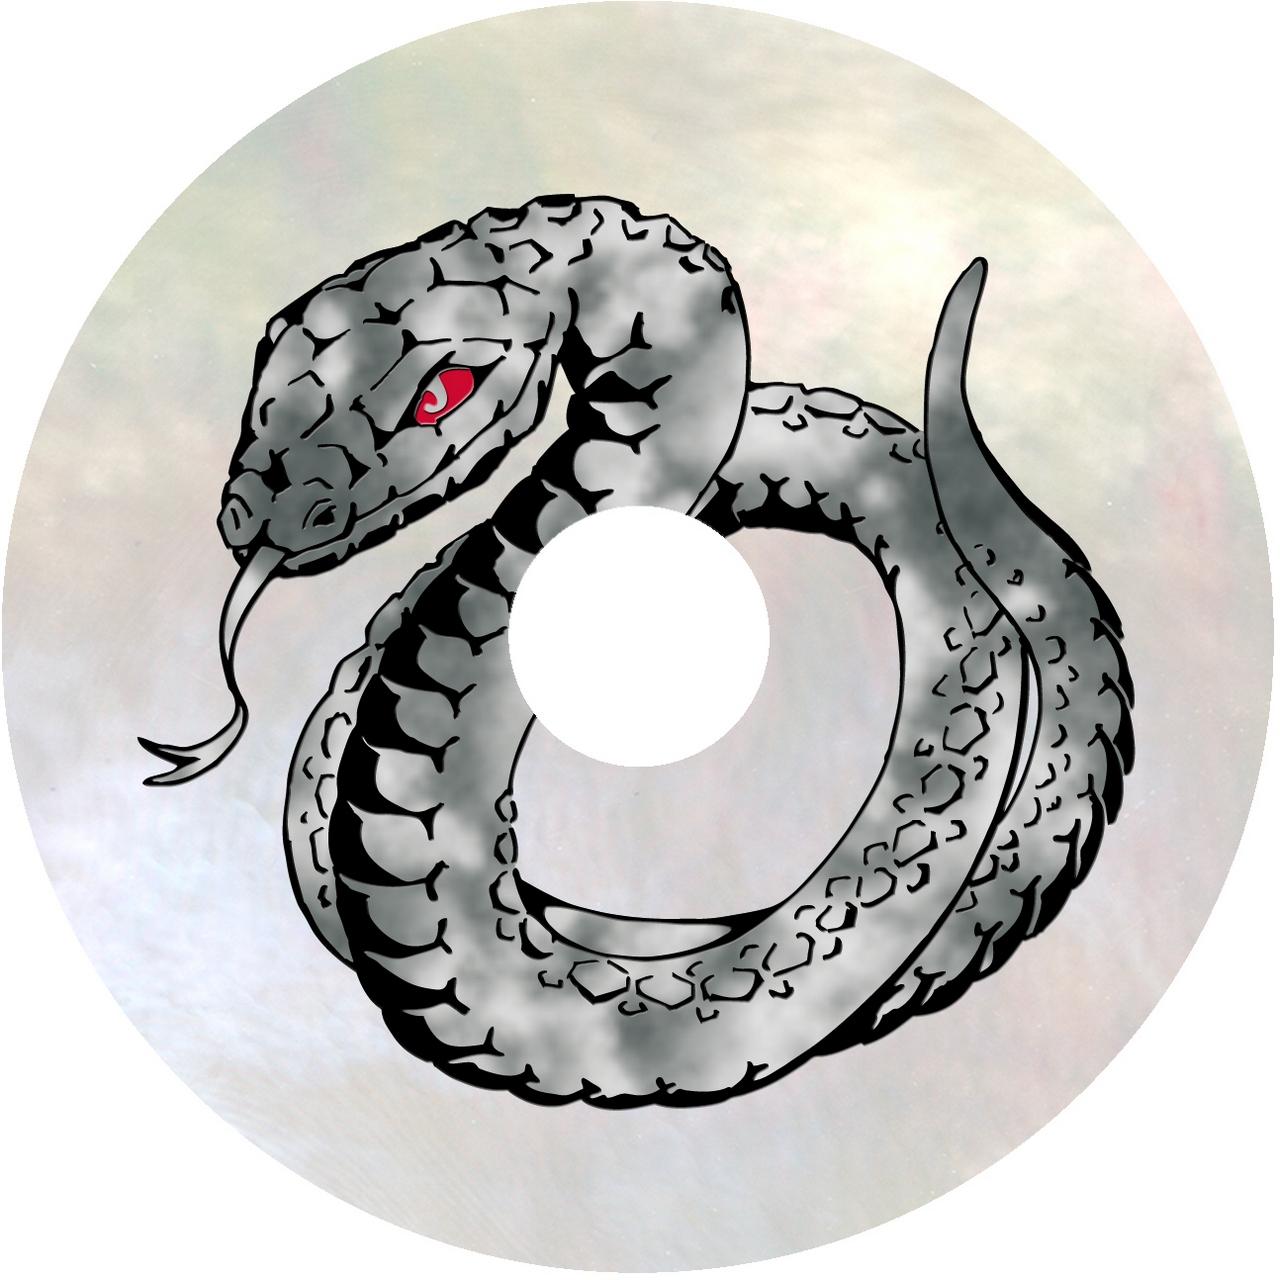 Perrelet Turbine Snake edizione limitata_0-100_4